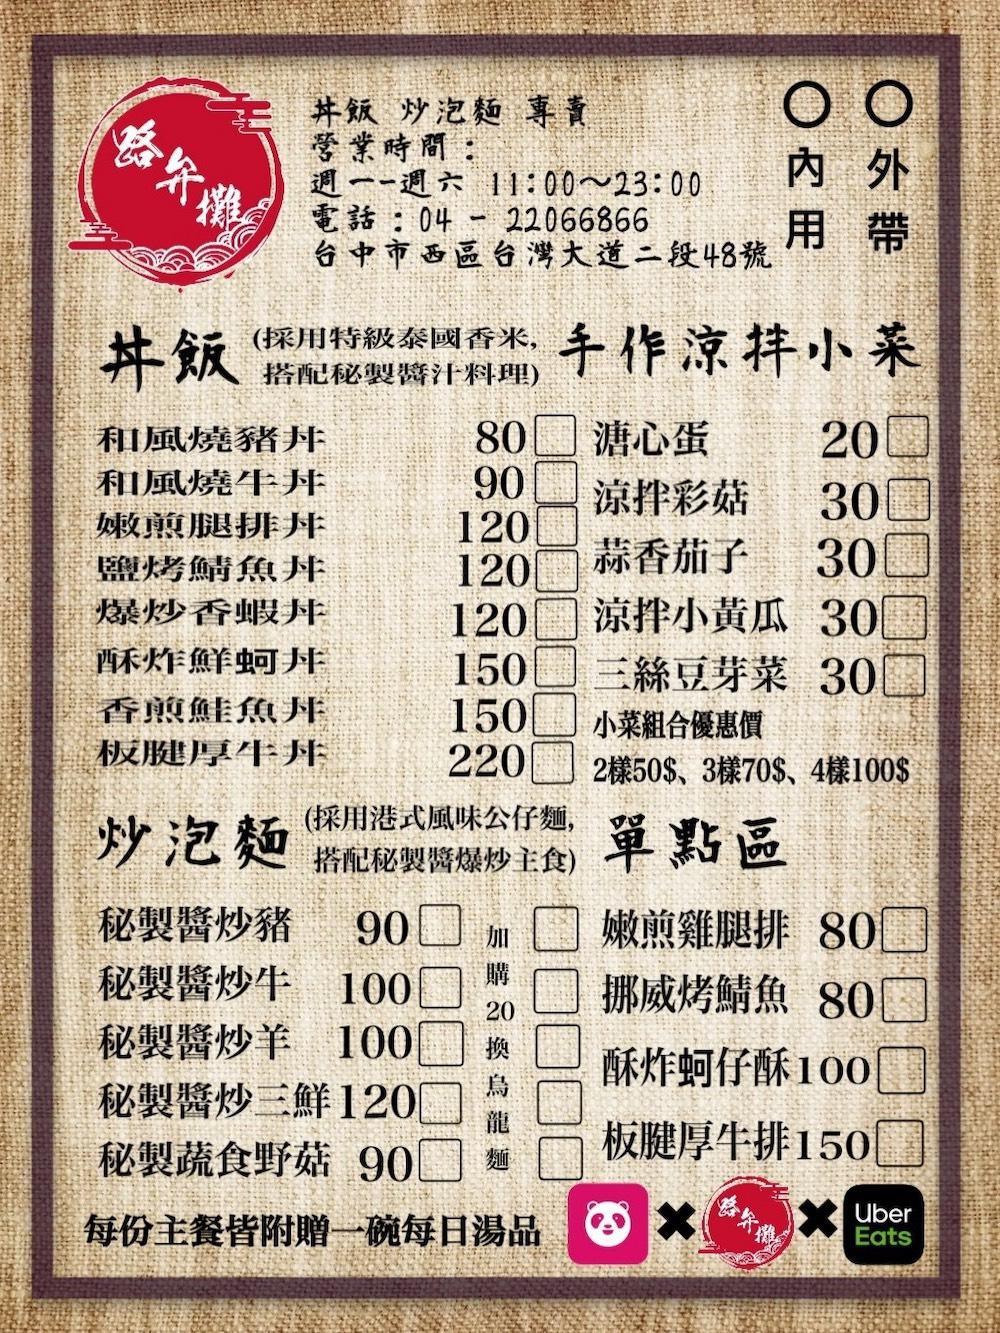 路弁攤丼飯炒泡麵專賣  台中西區新開創意炒泡麵,泰國香米和港式公仔炒泡麵+獨門醬料超入味,只要80元起~